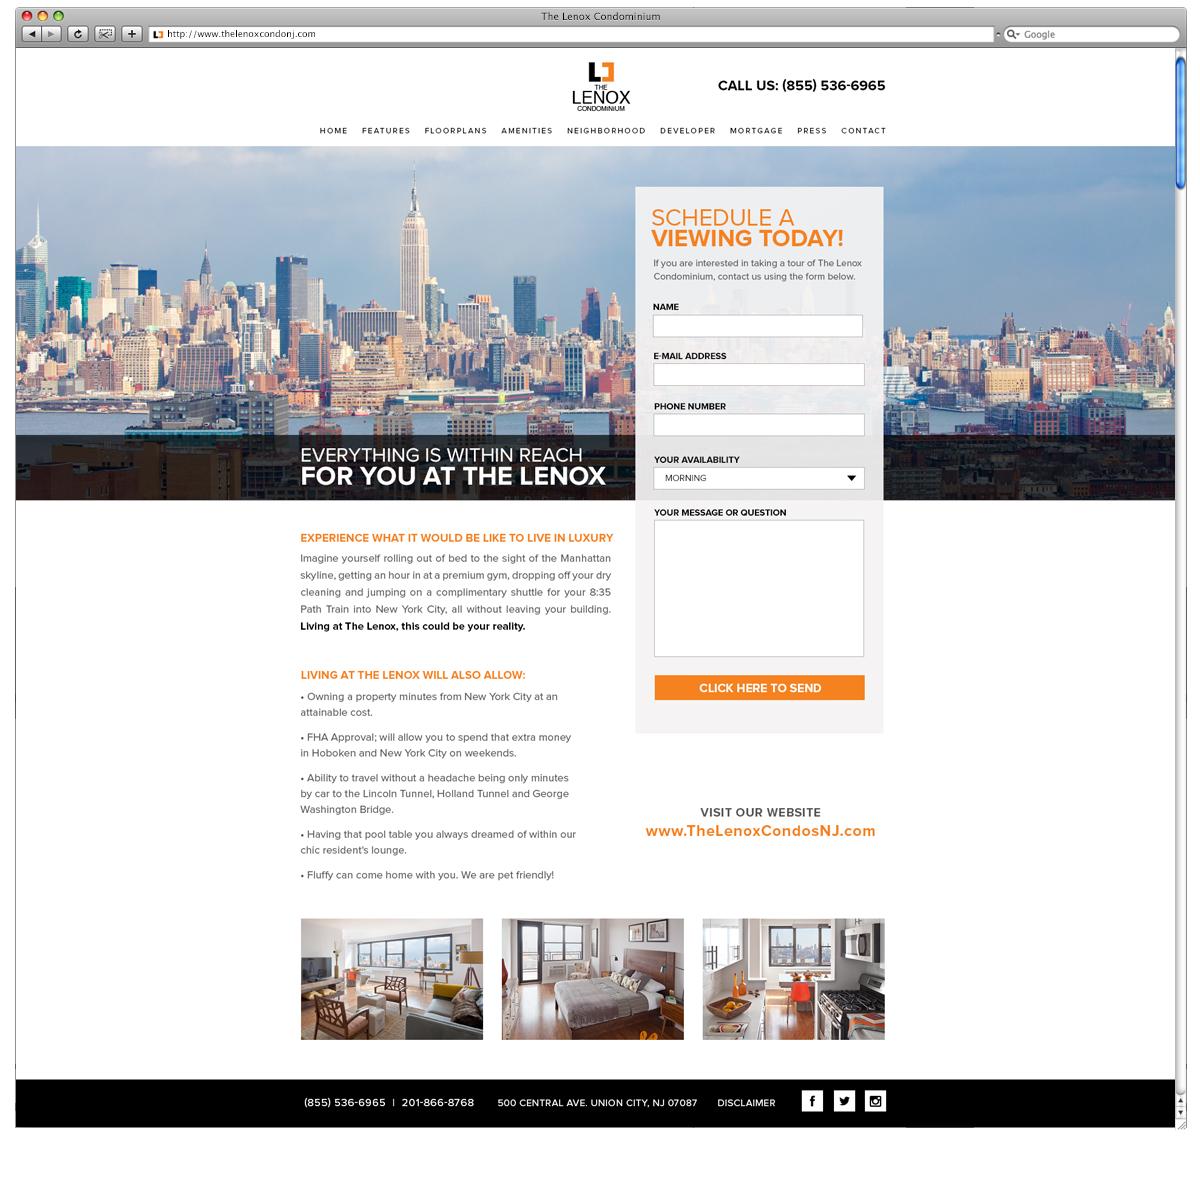 The Lenox Landing Website